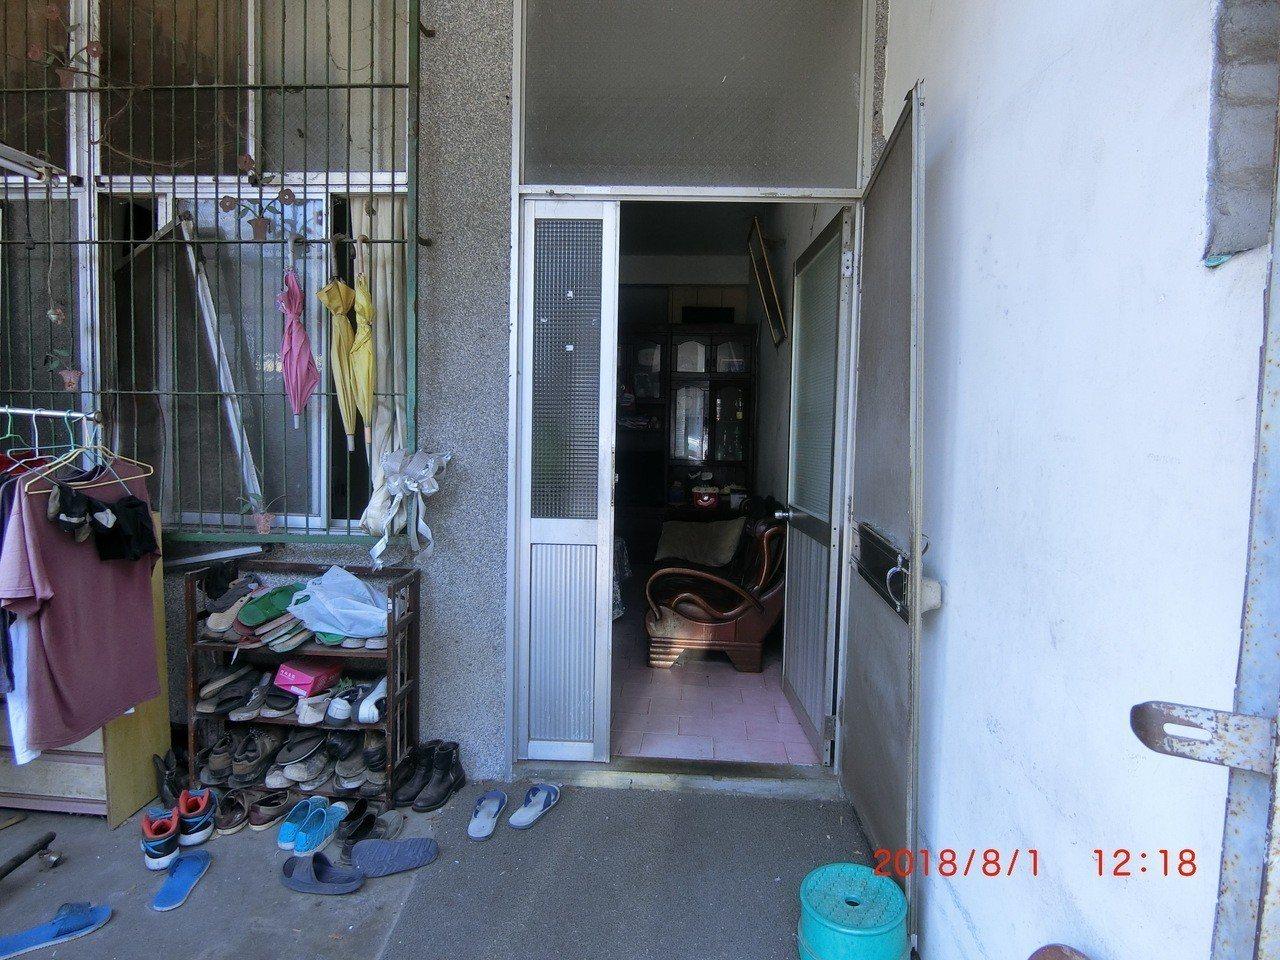 新竹縣竹東鎮一名38歲李姓男子,昨日被發現陳屍在家中浴室,現場無打鬥痕跡,也無外...